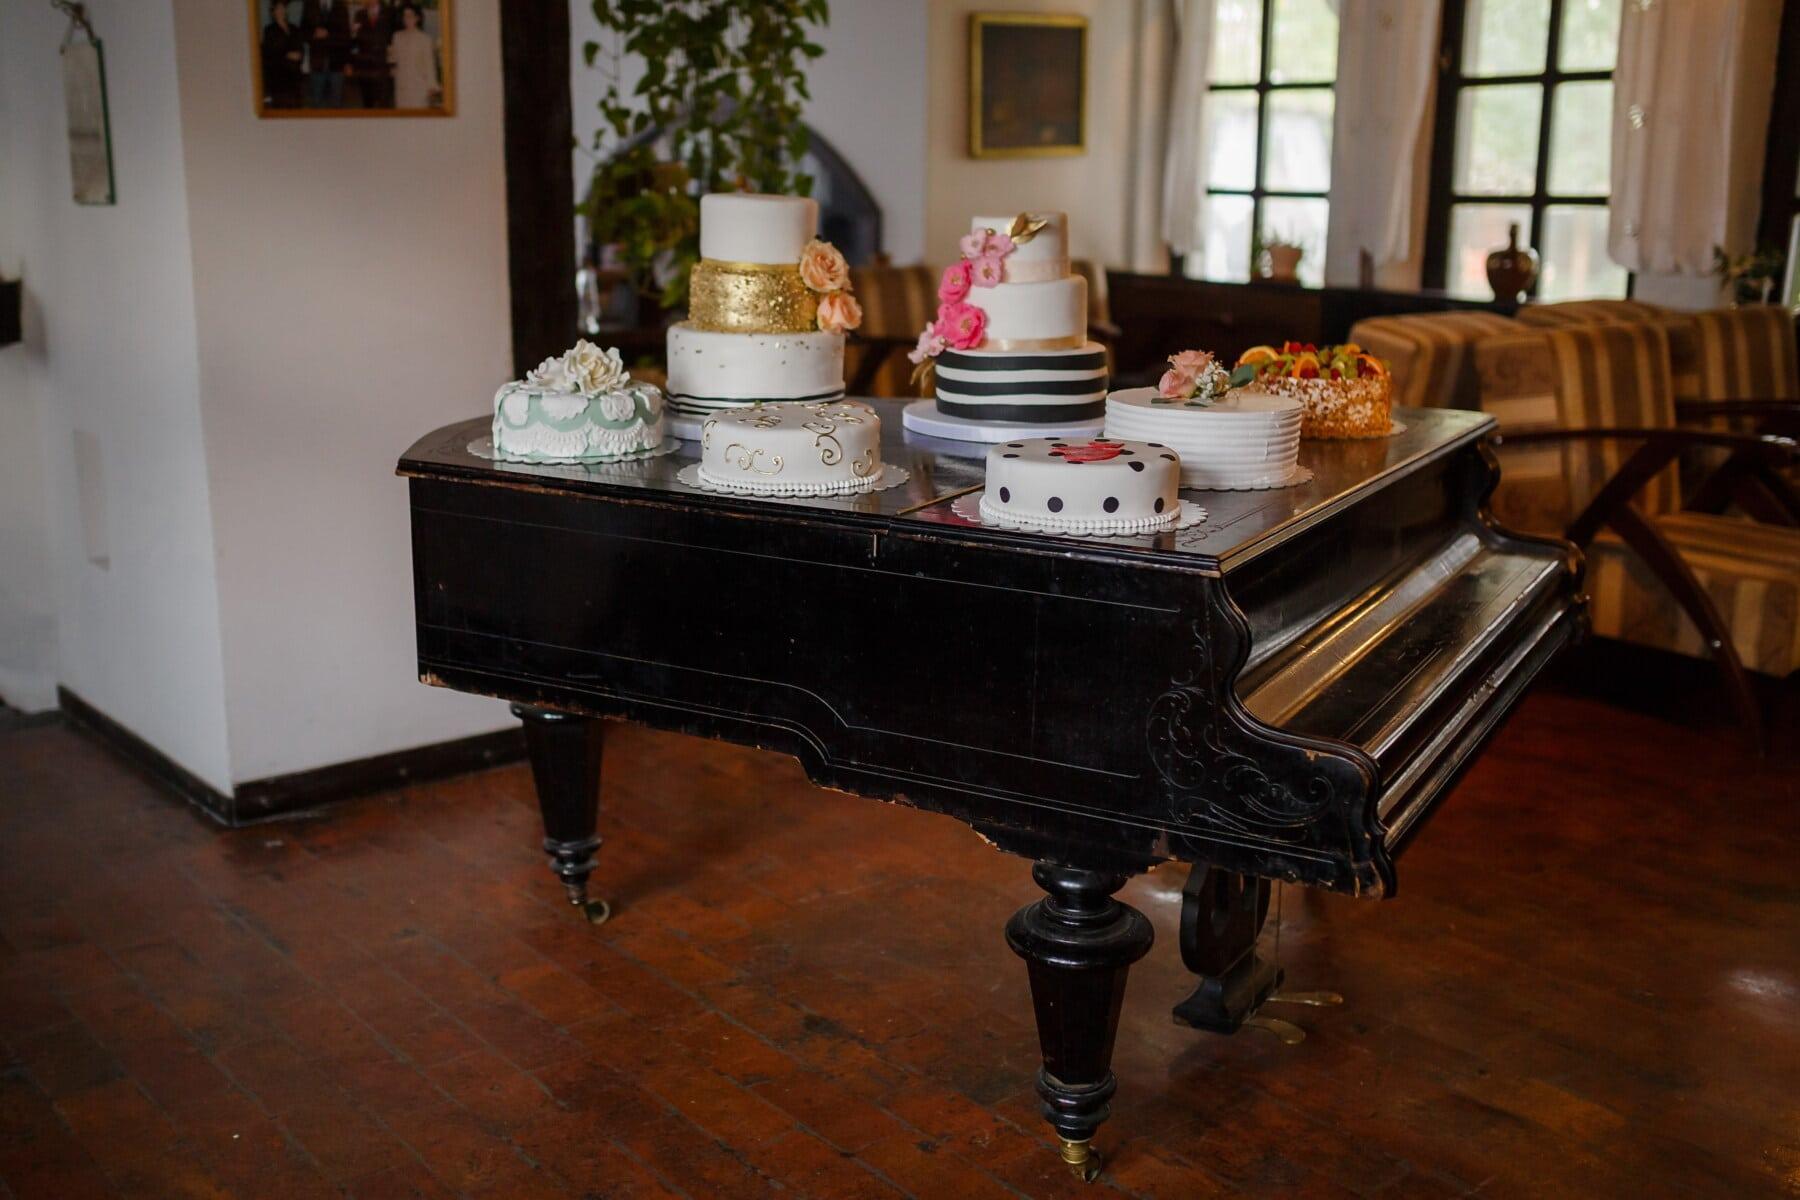 plancher, gâteau de mariage, meubles, Salon, à l'intérieur, Design d'intérieur, Accueil, chambre, siège, maison